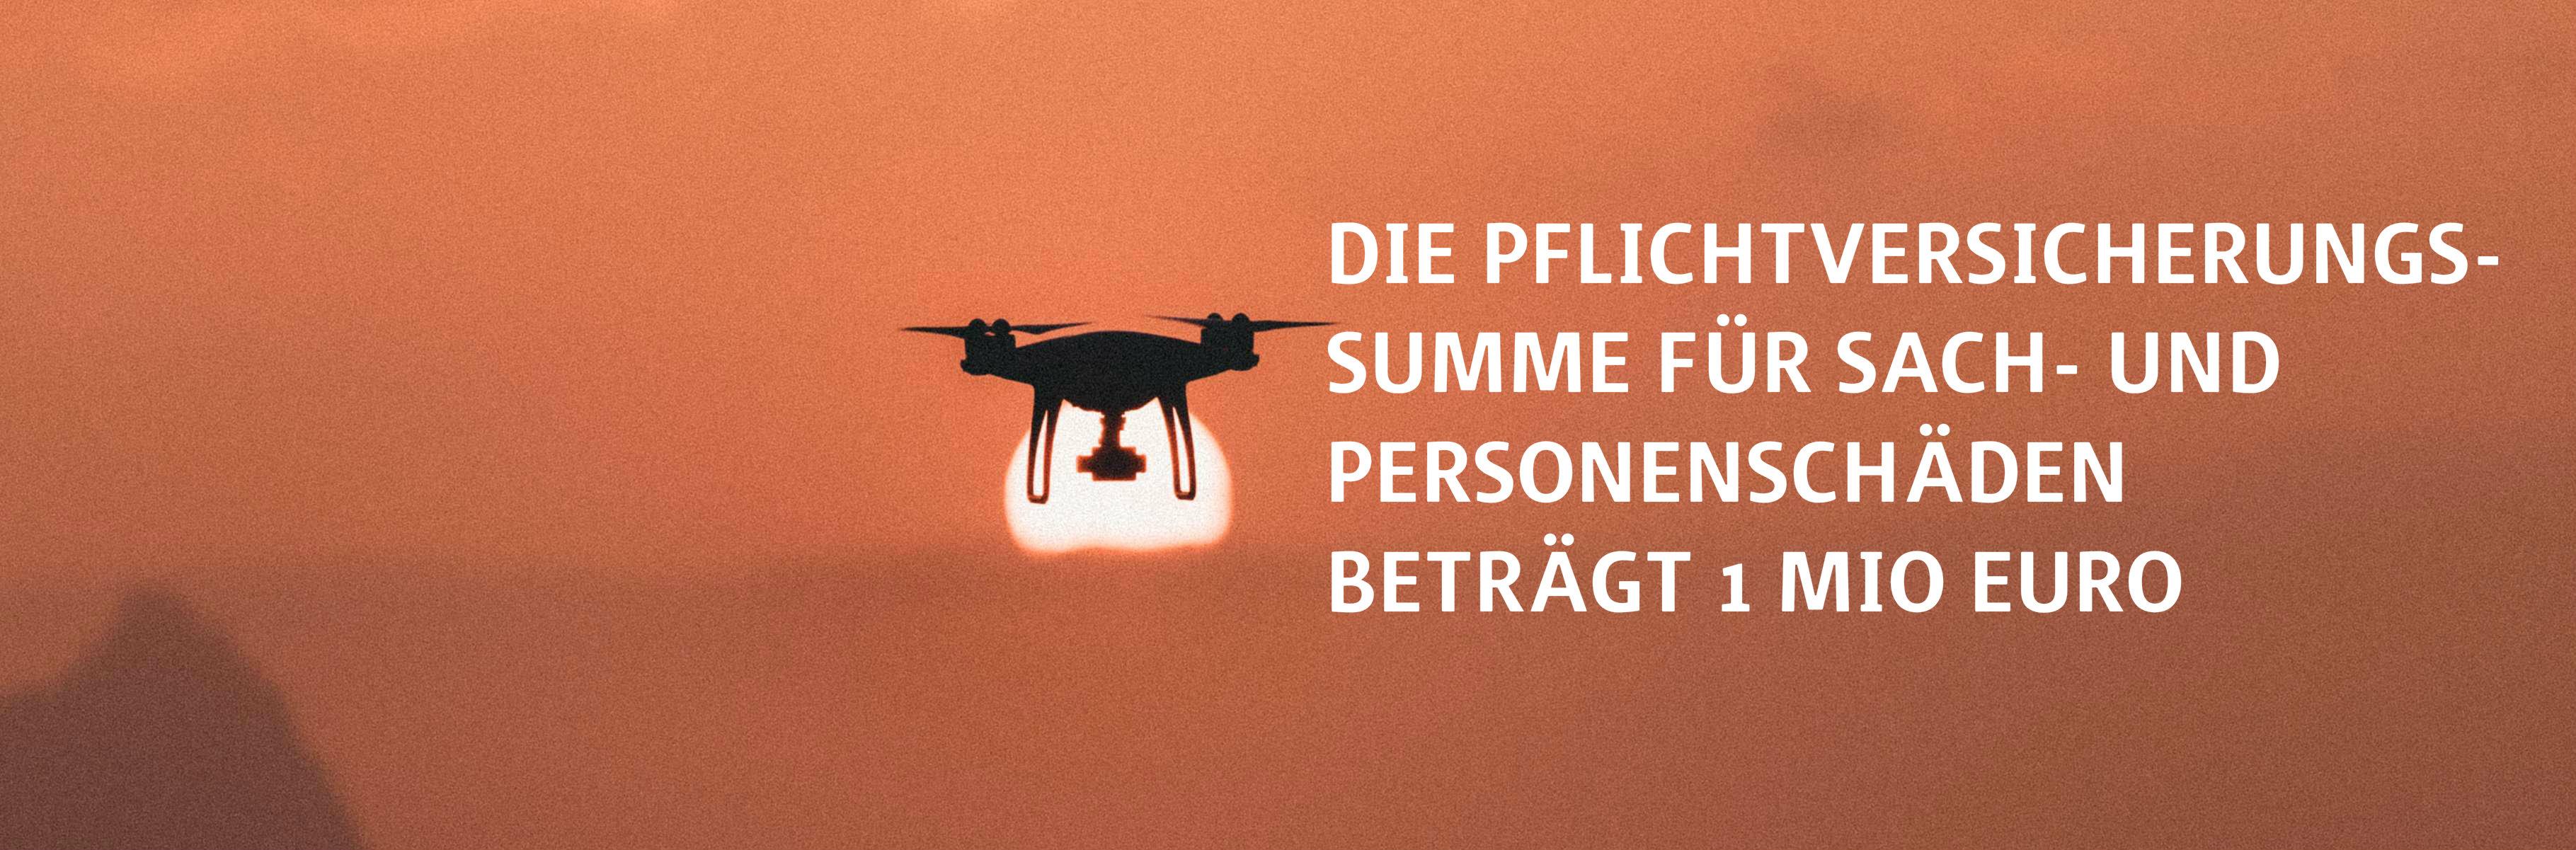 Die Pflichtversicherungssumme für Sach- und Personenschäden beträgt bei einer Drohnen-Haftpflichtversicherung 1 Million Euro